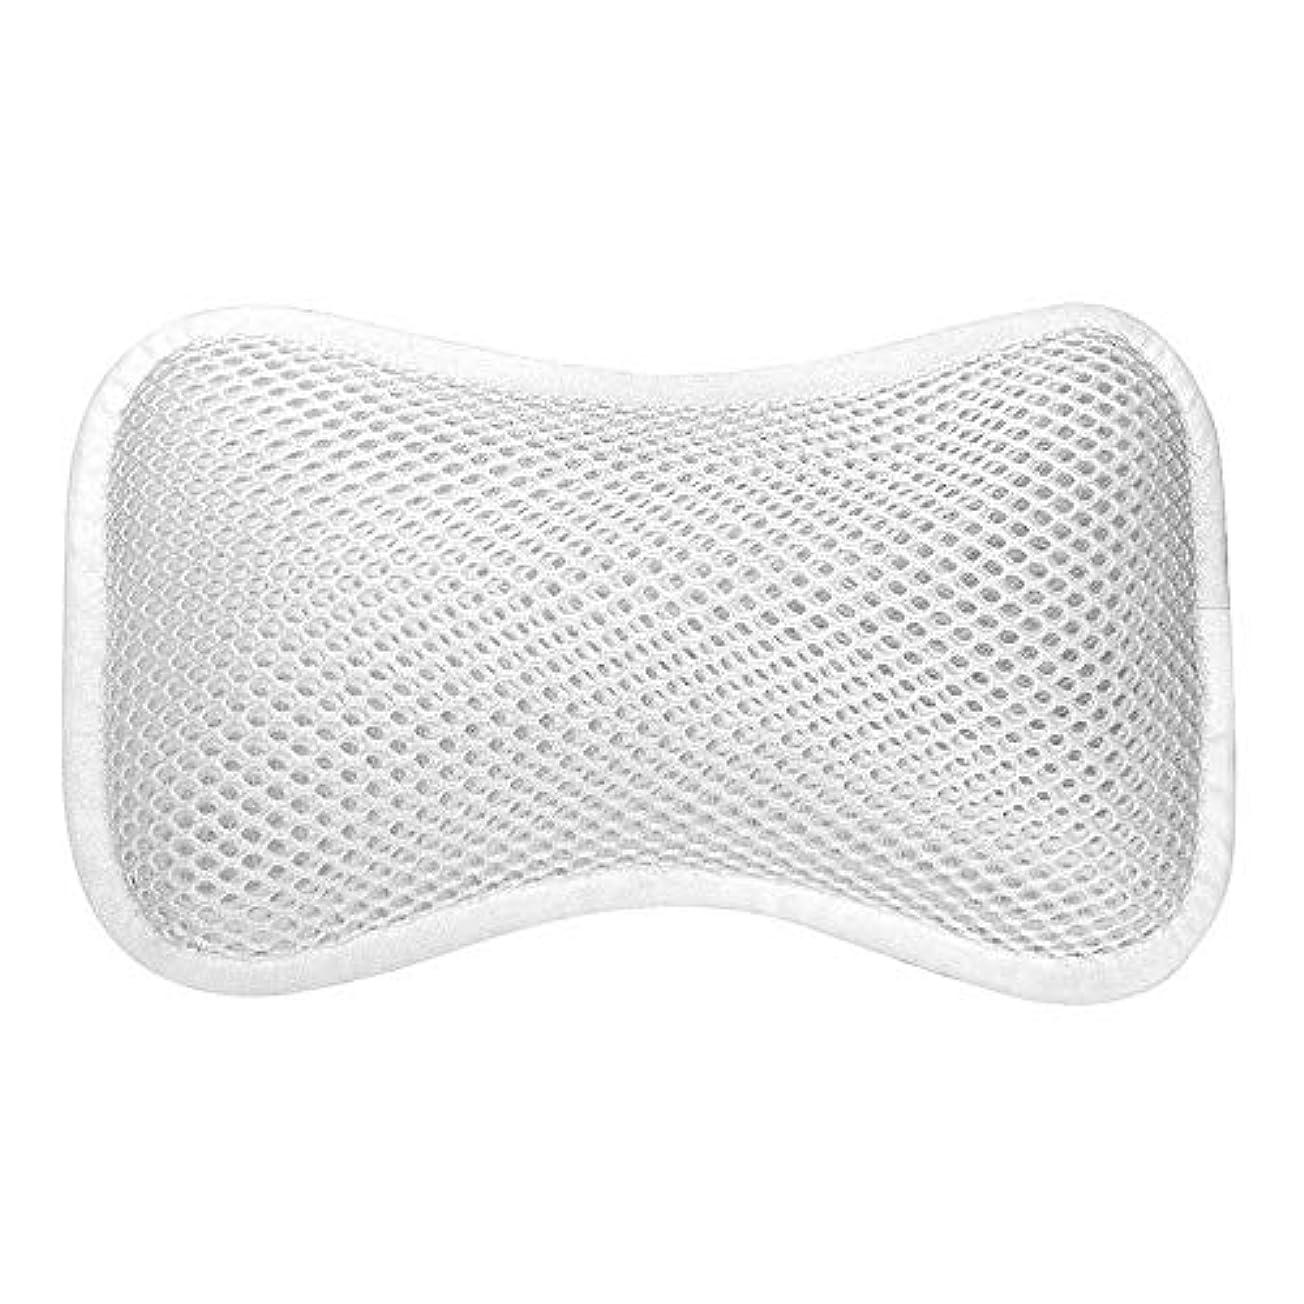 胴体ランタン意志3D網の骨の定形バスタブの枕、吸盤が付いている人間工学的の設計滑り止??めの浴槽の枕